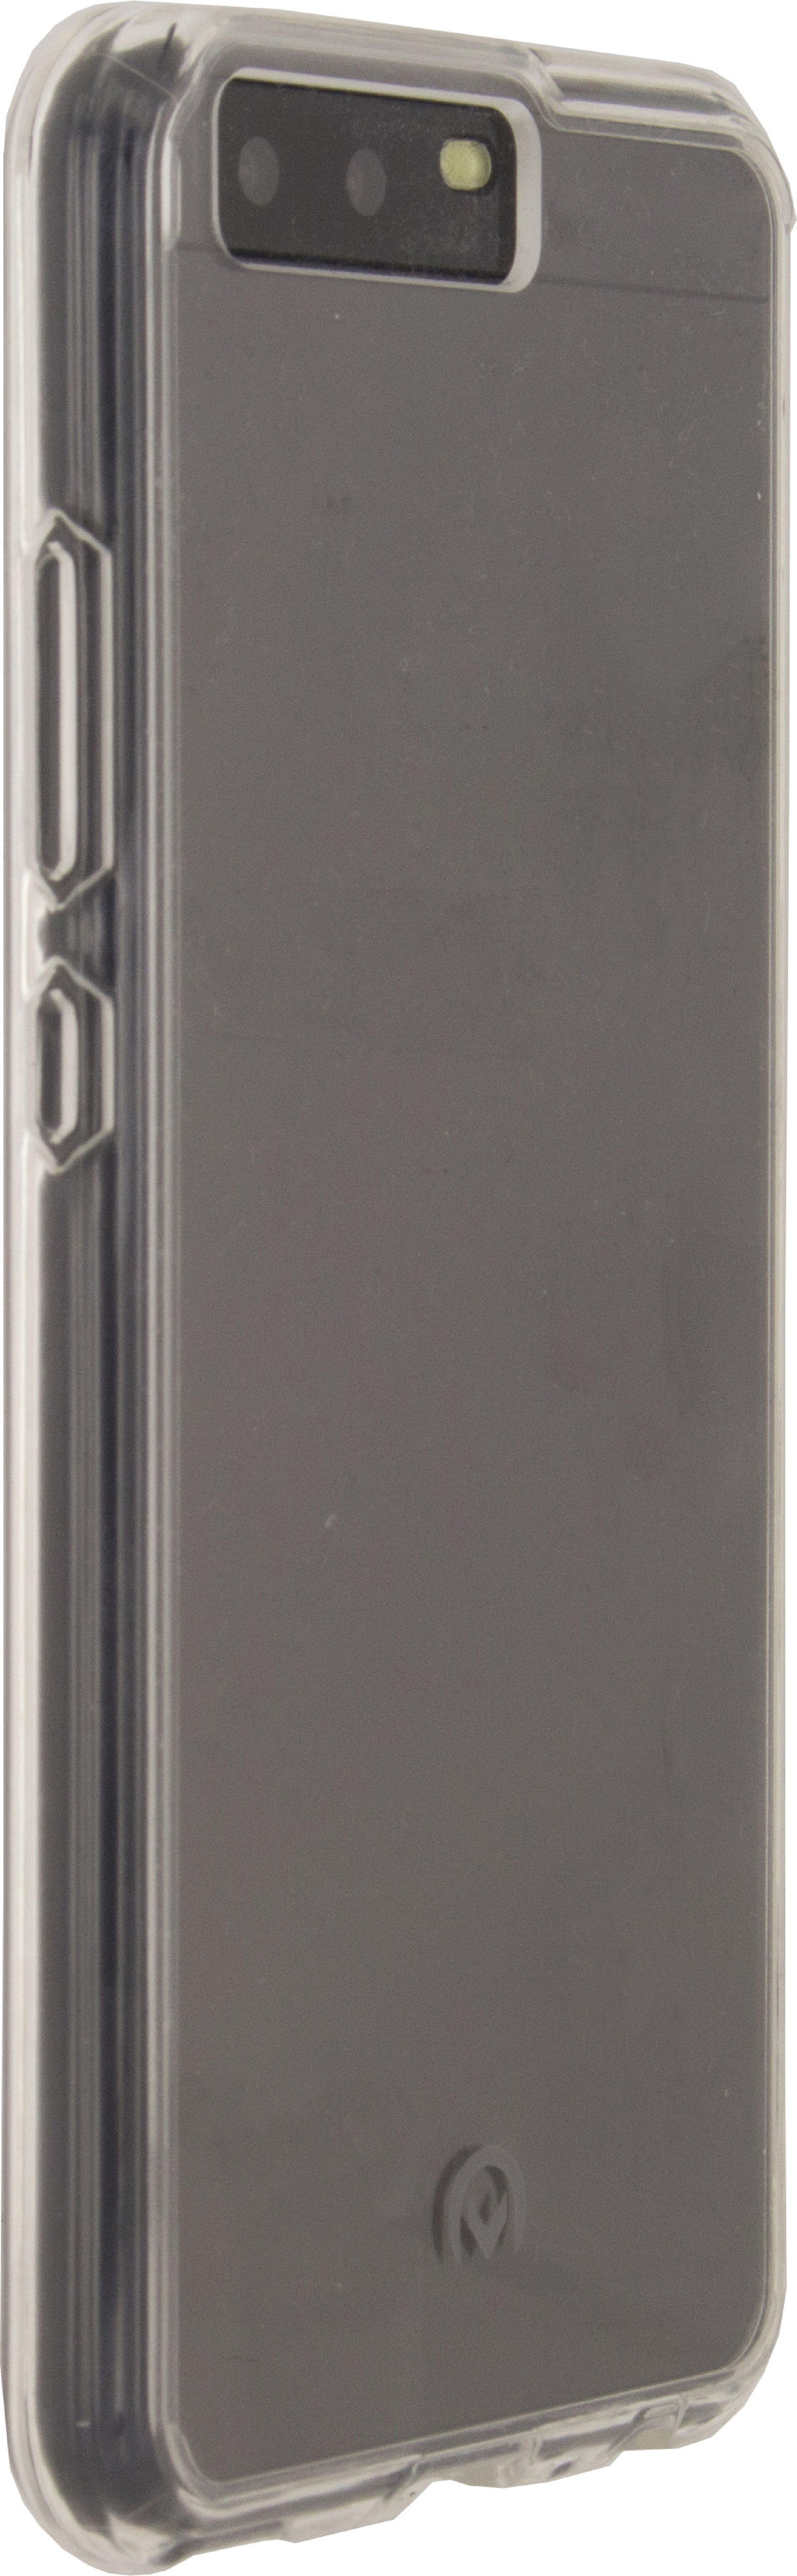 Image of   Telefon Transparent Beskyttelsesetui Huawei P10 Gennemsigtig